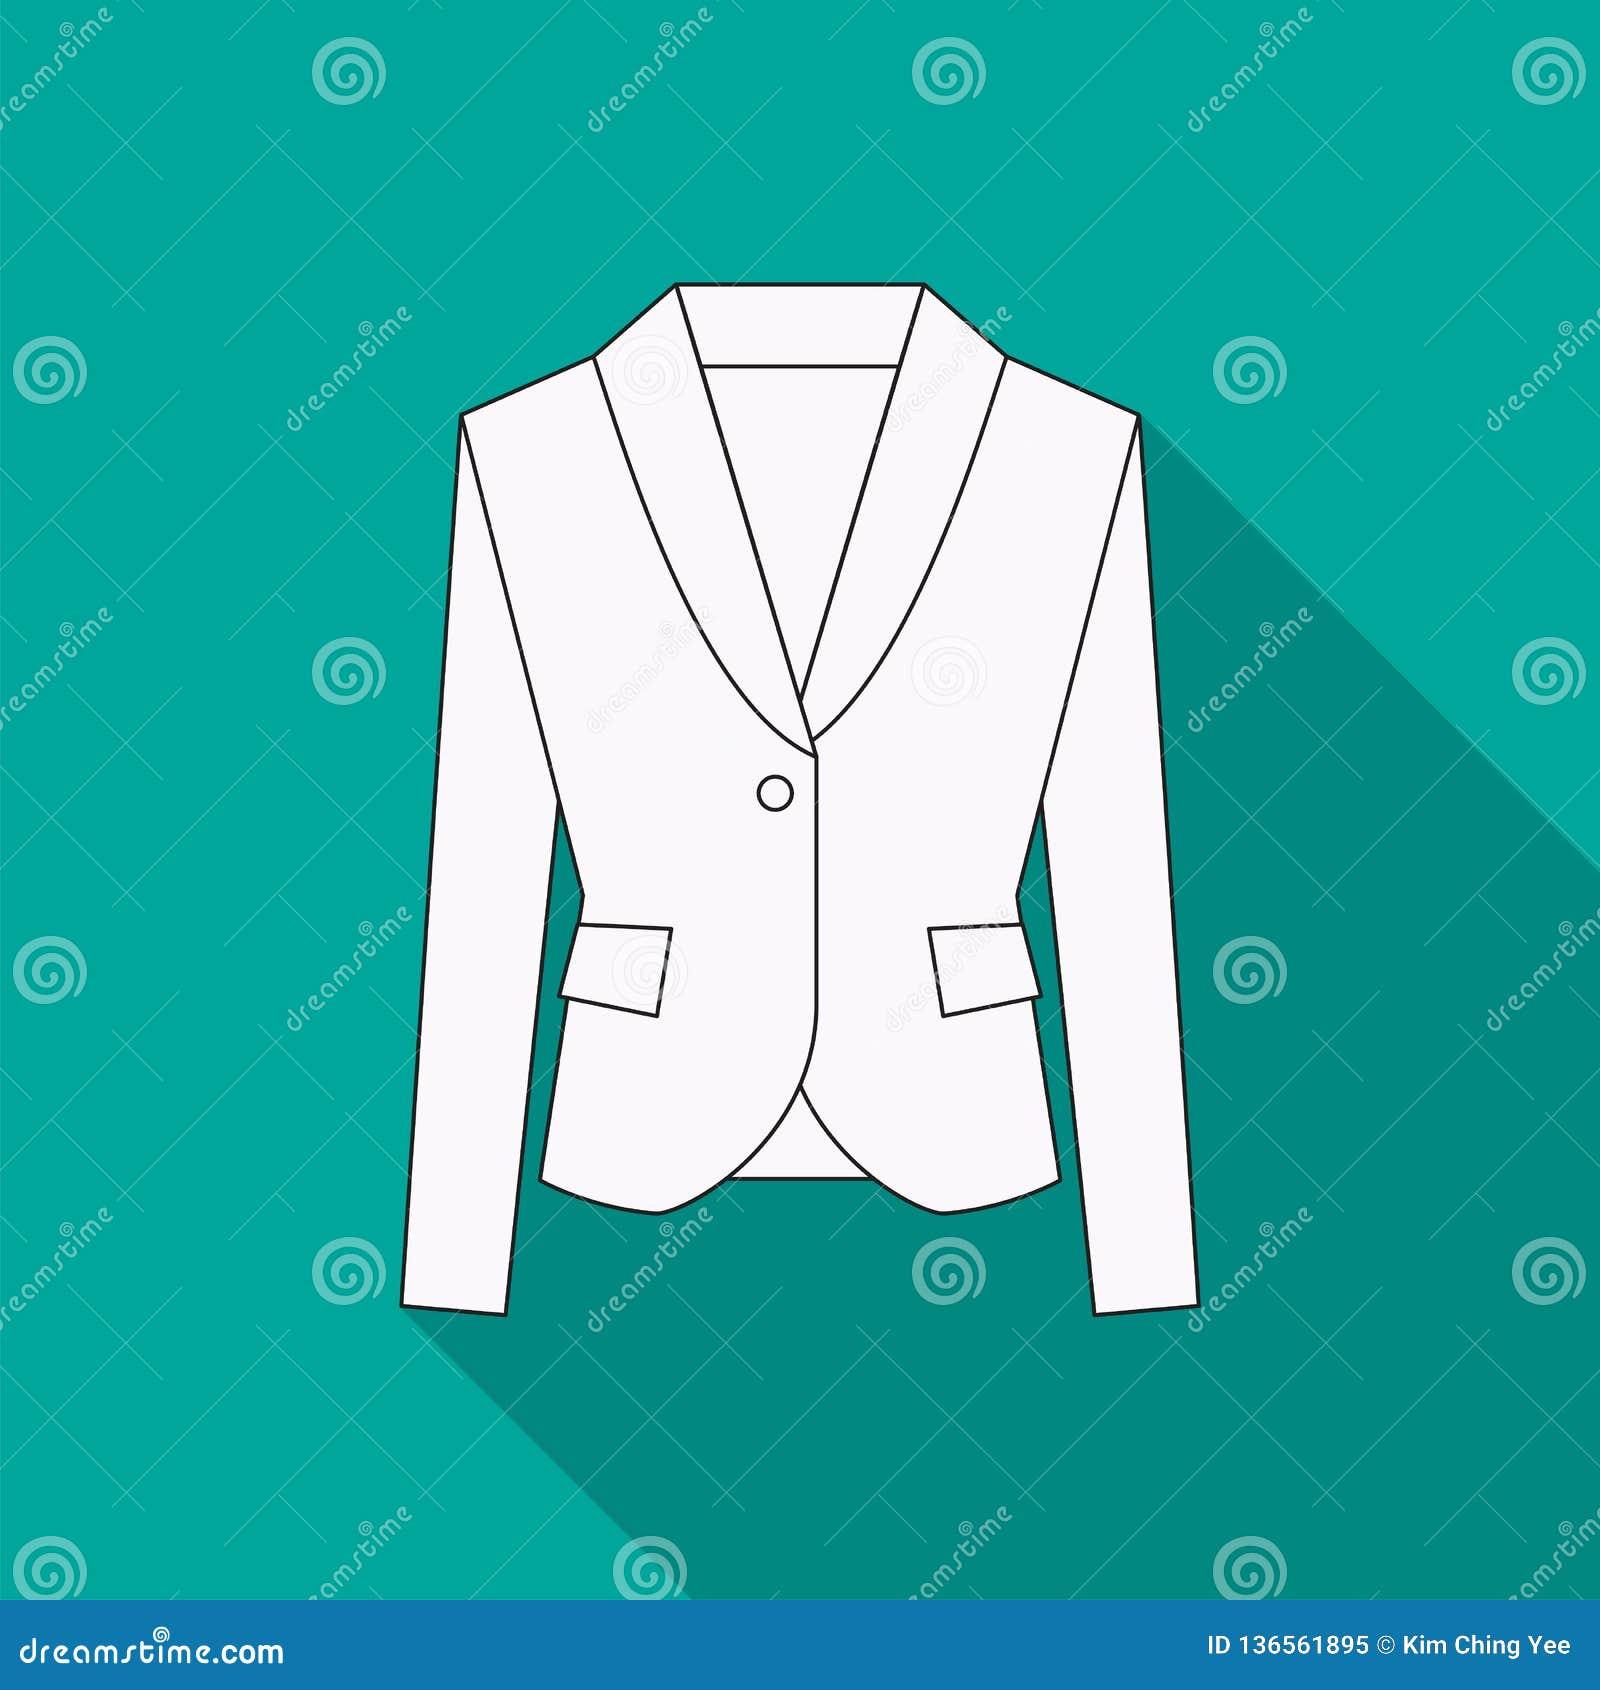 Män blazer eller symbol för vektor för omslags- eller dräktsymbol enkel plan i linjen design